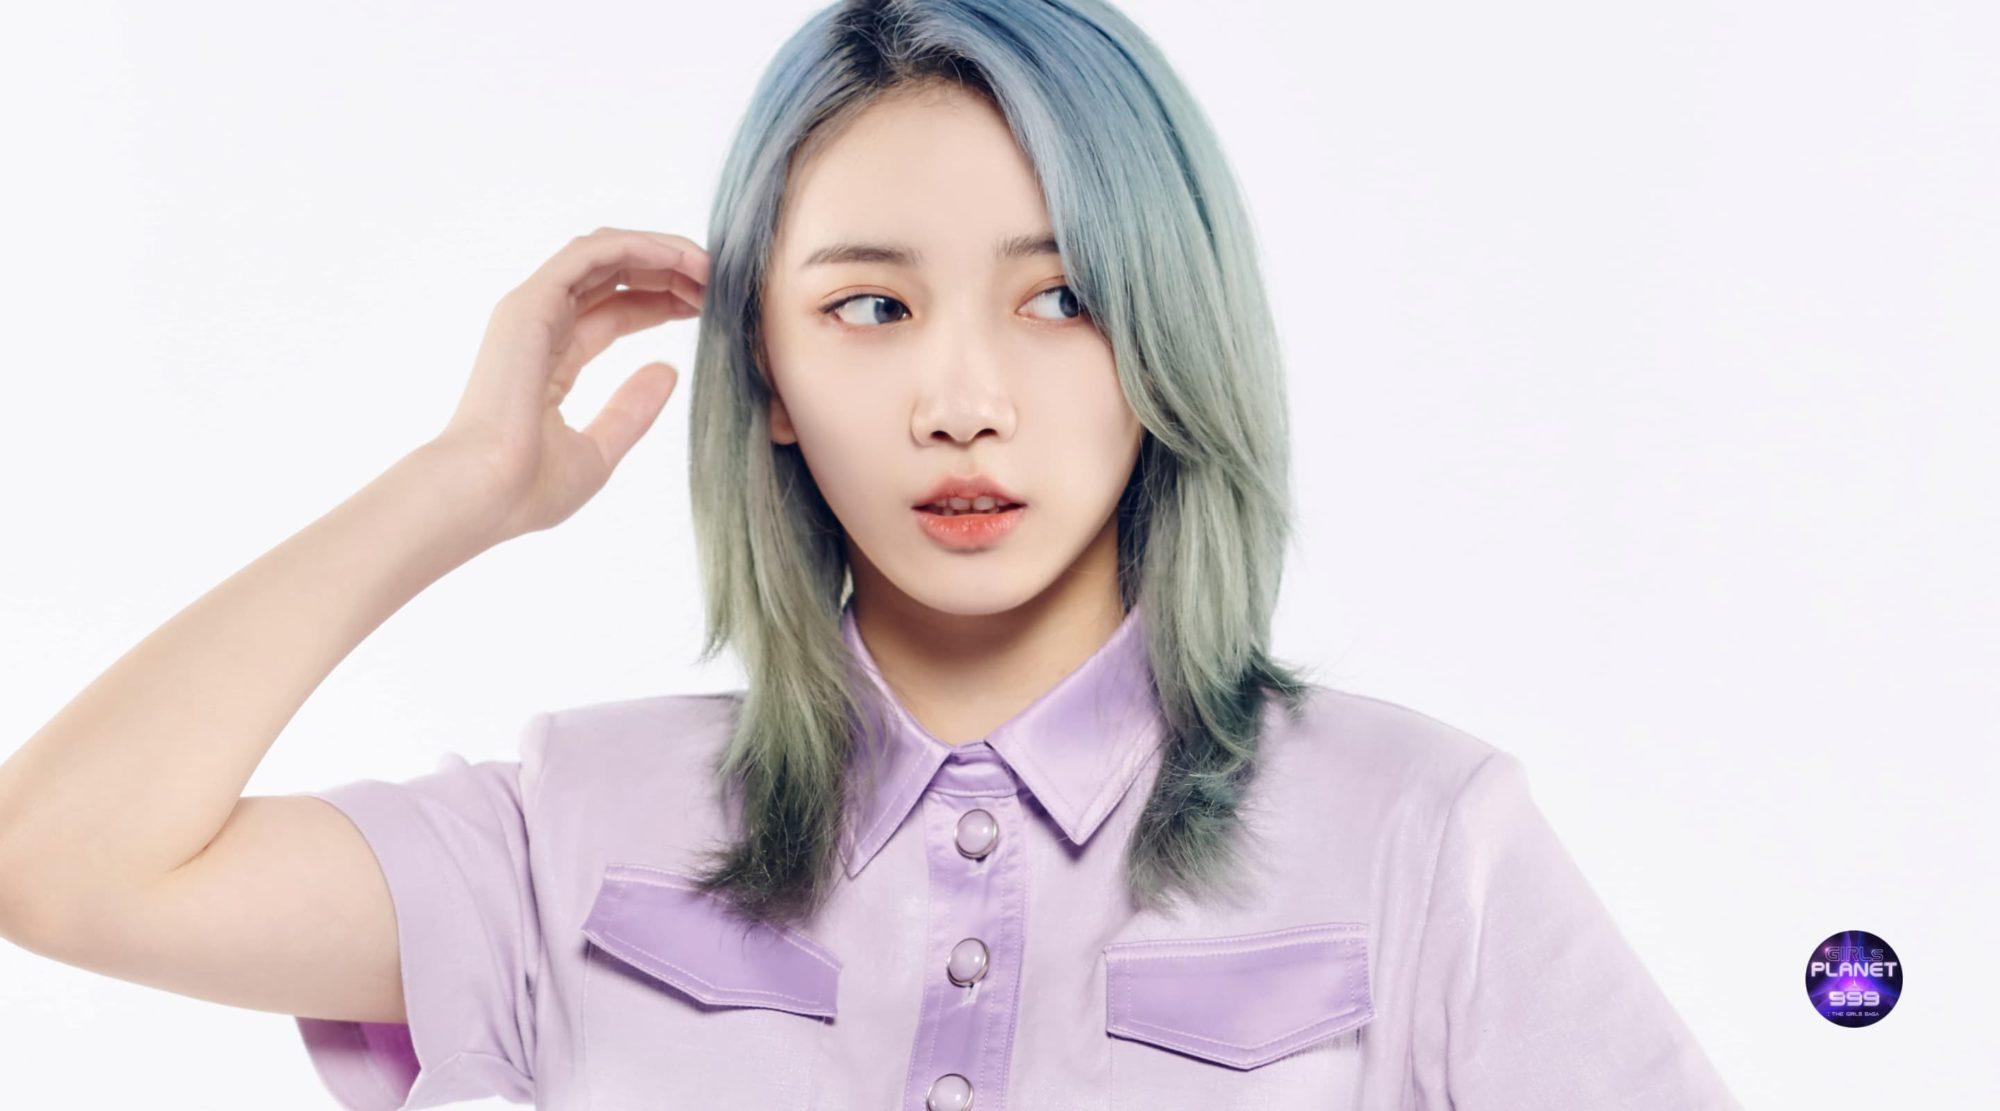 Su Rui Qi Girls Planet 999